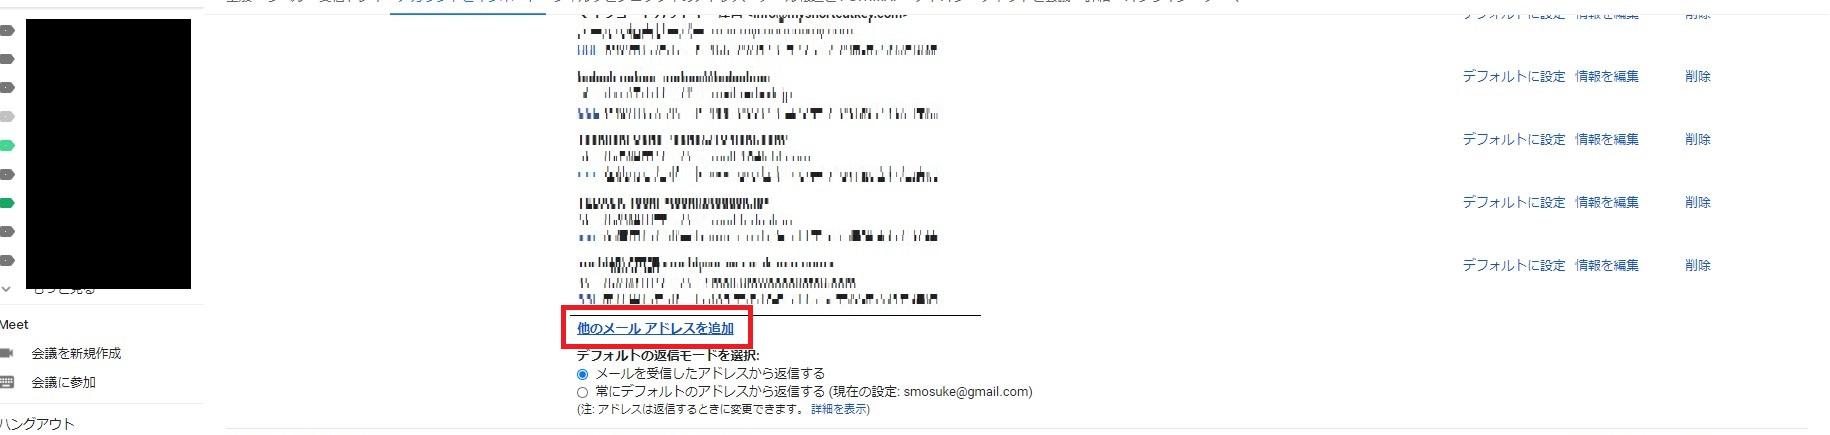 さくらインターネットのメールアカウントをGメールで受診する方法